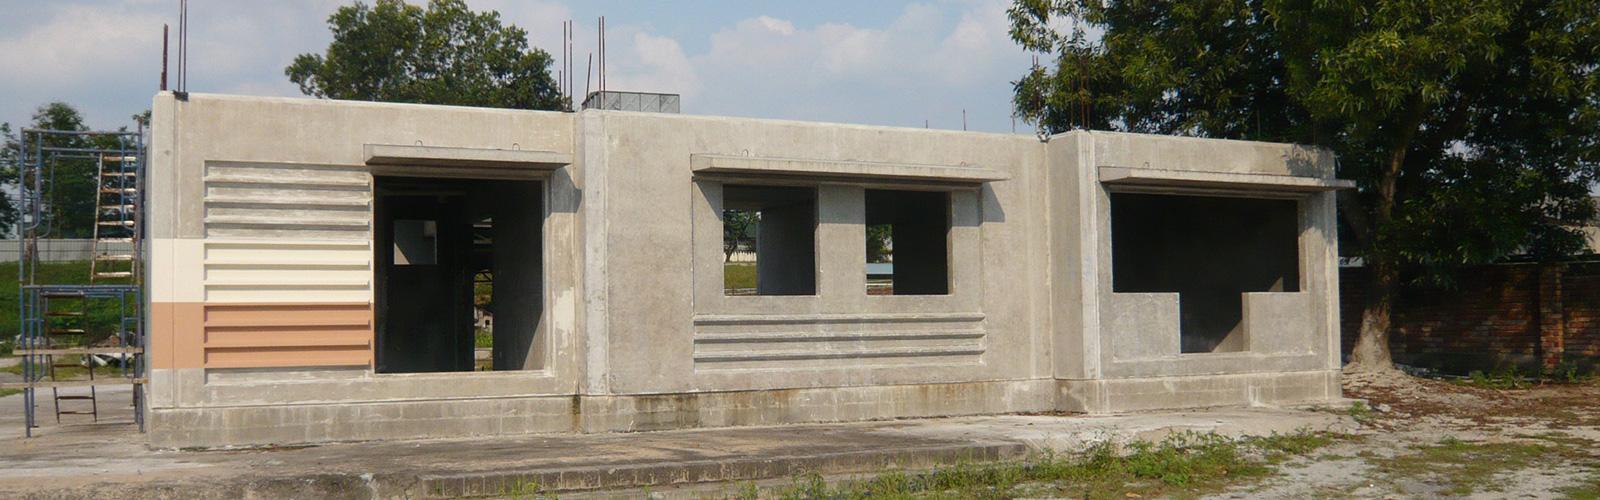 wall-panel-banner2